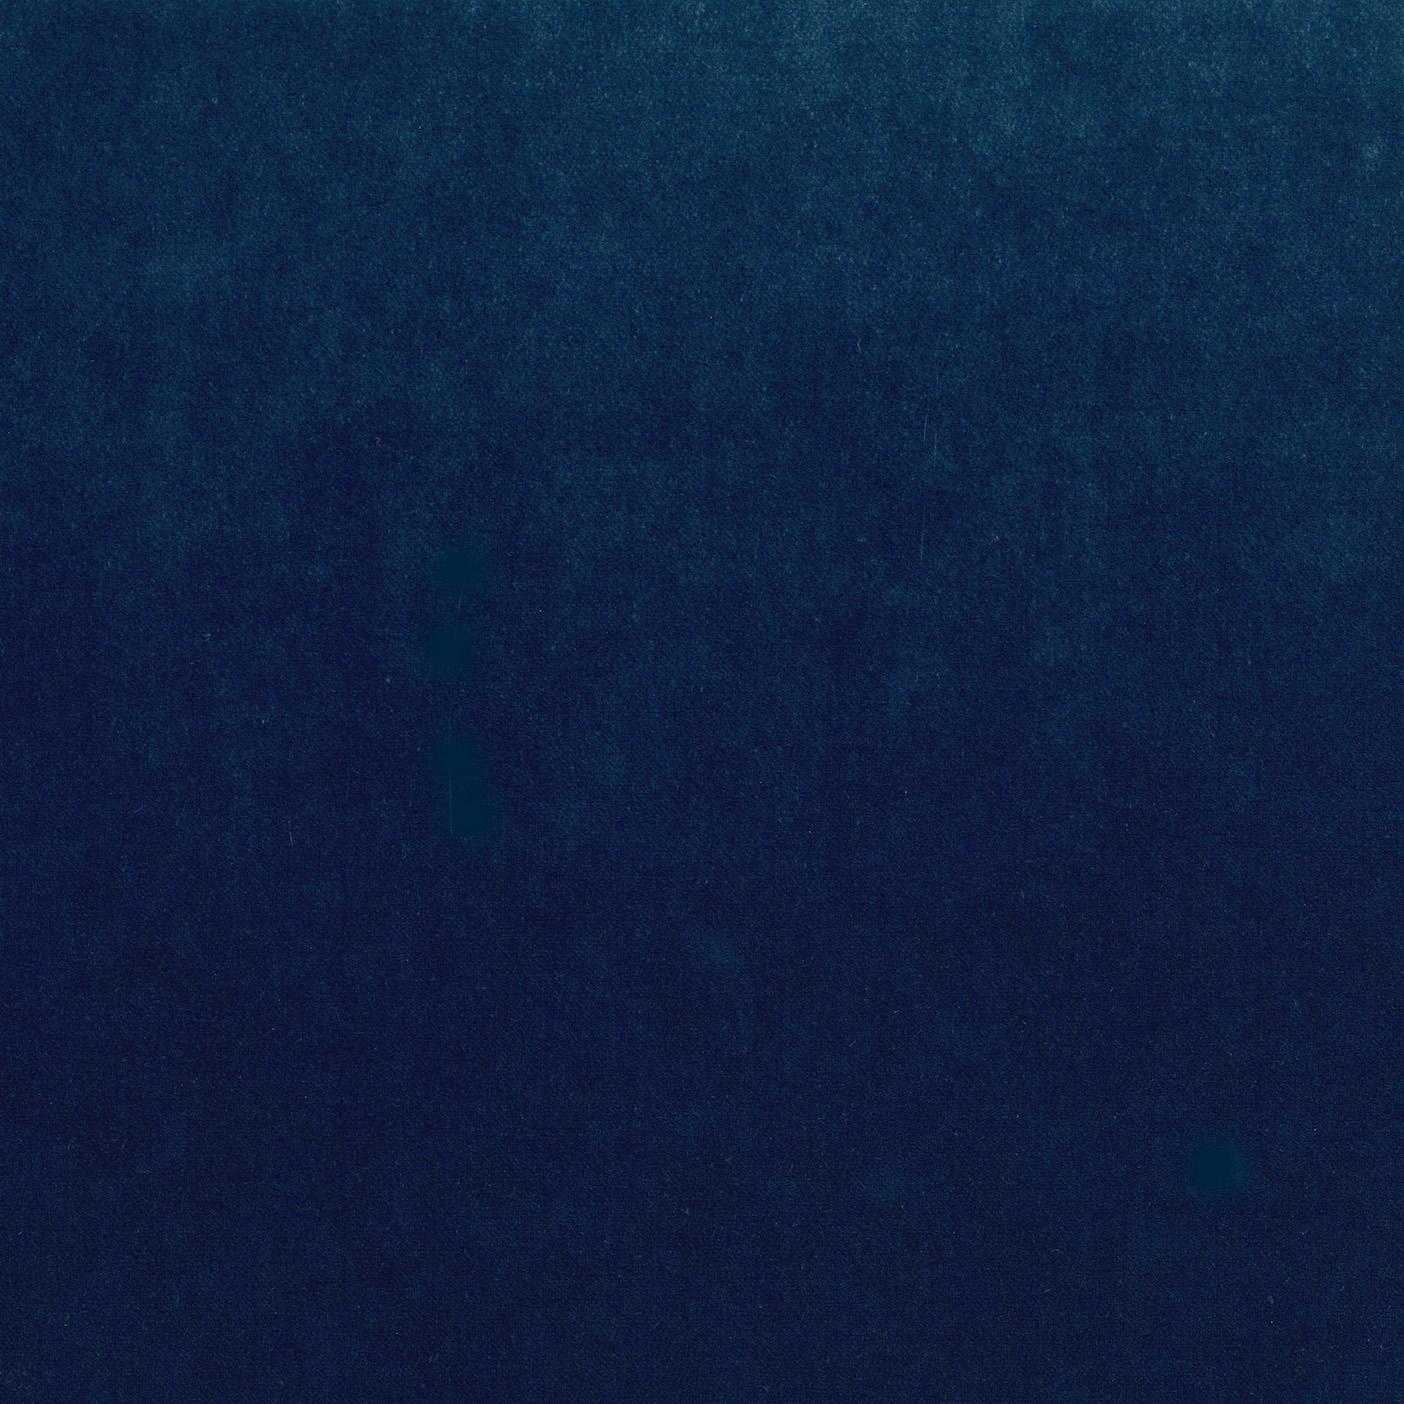 3 Classic velvet navy blue